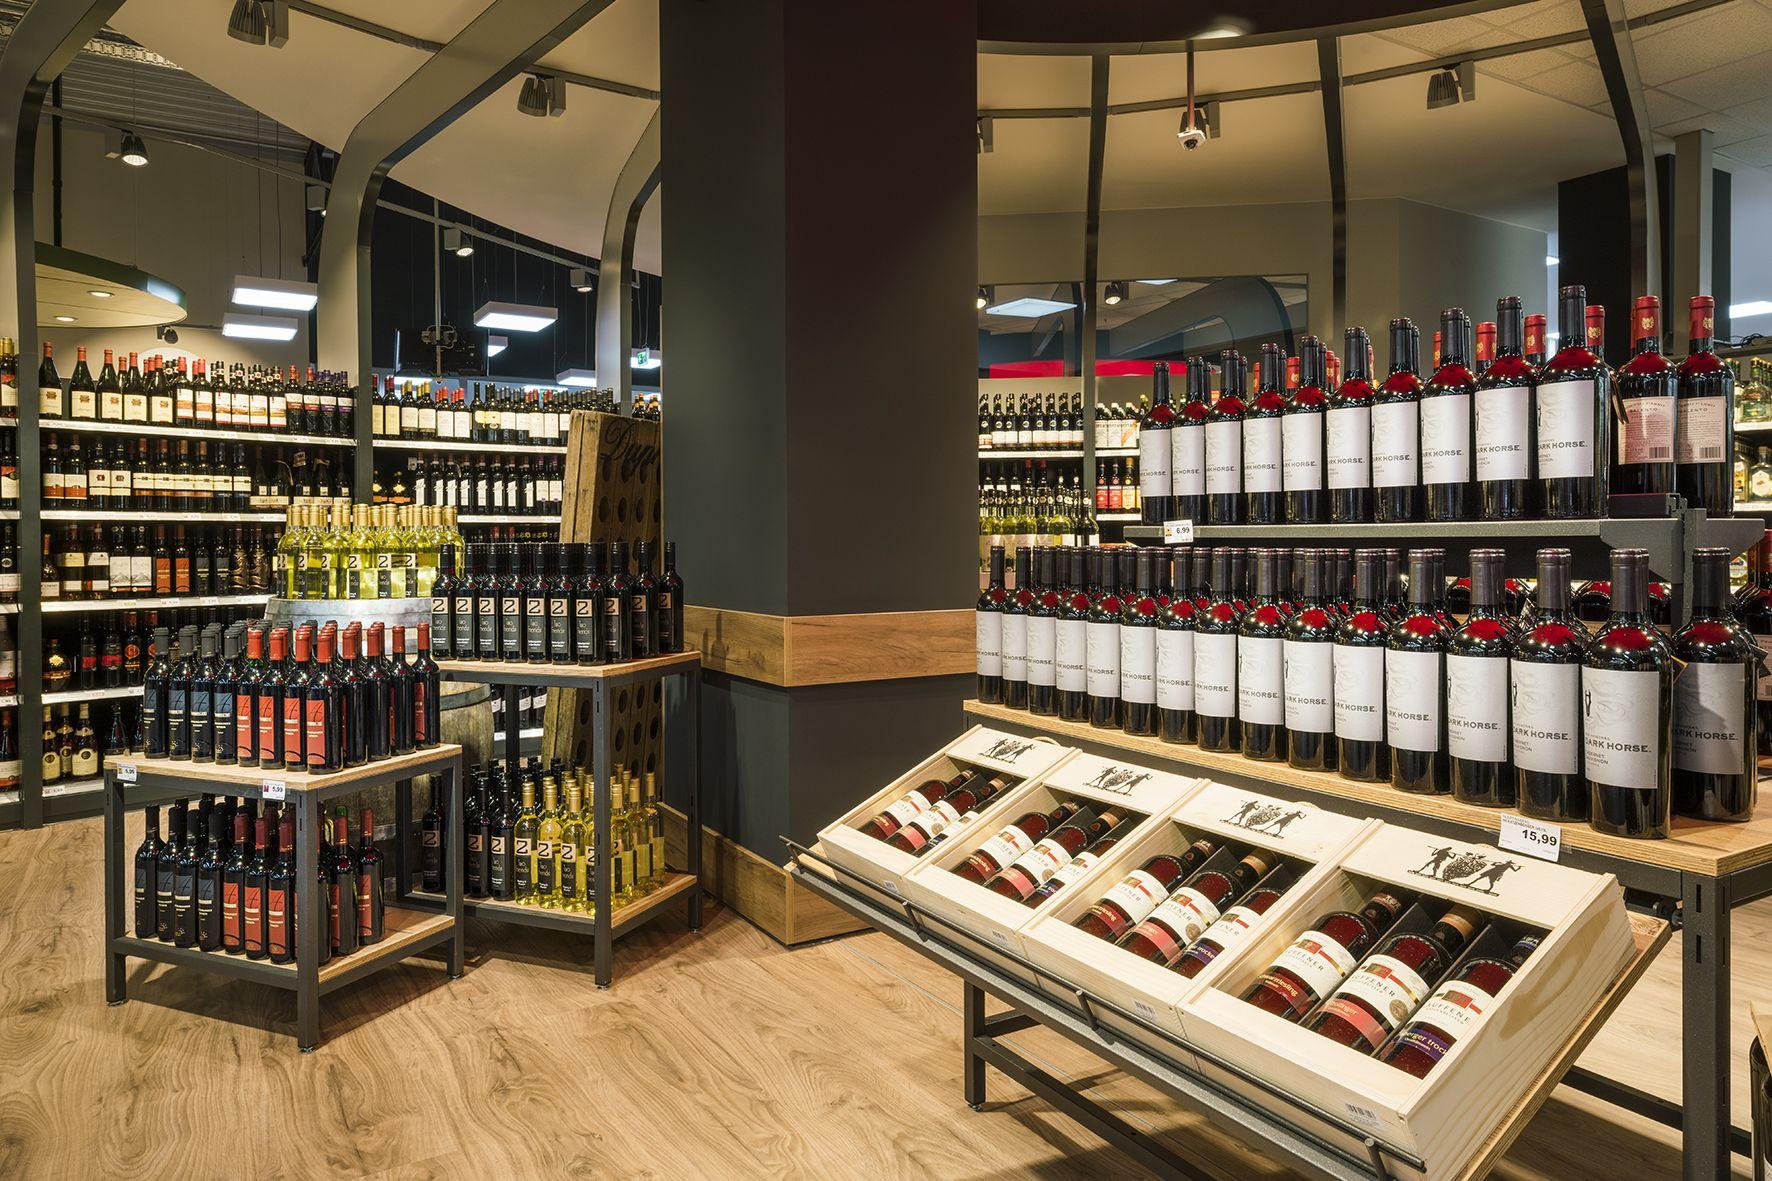 Edeka Markt Kopper Niedernwohren Germany Light Retail Wine Edeka Licht Beleuchtung Edeka Beleuchtung Markt